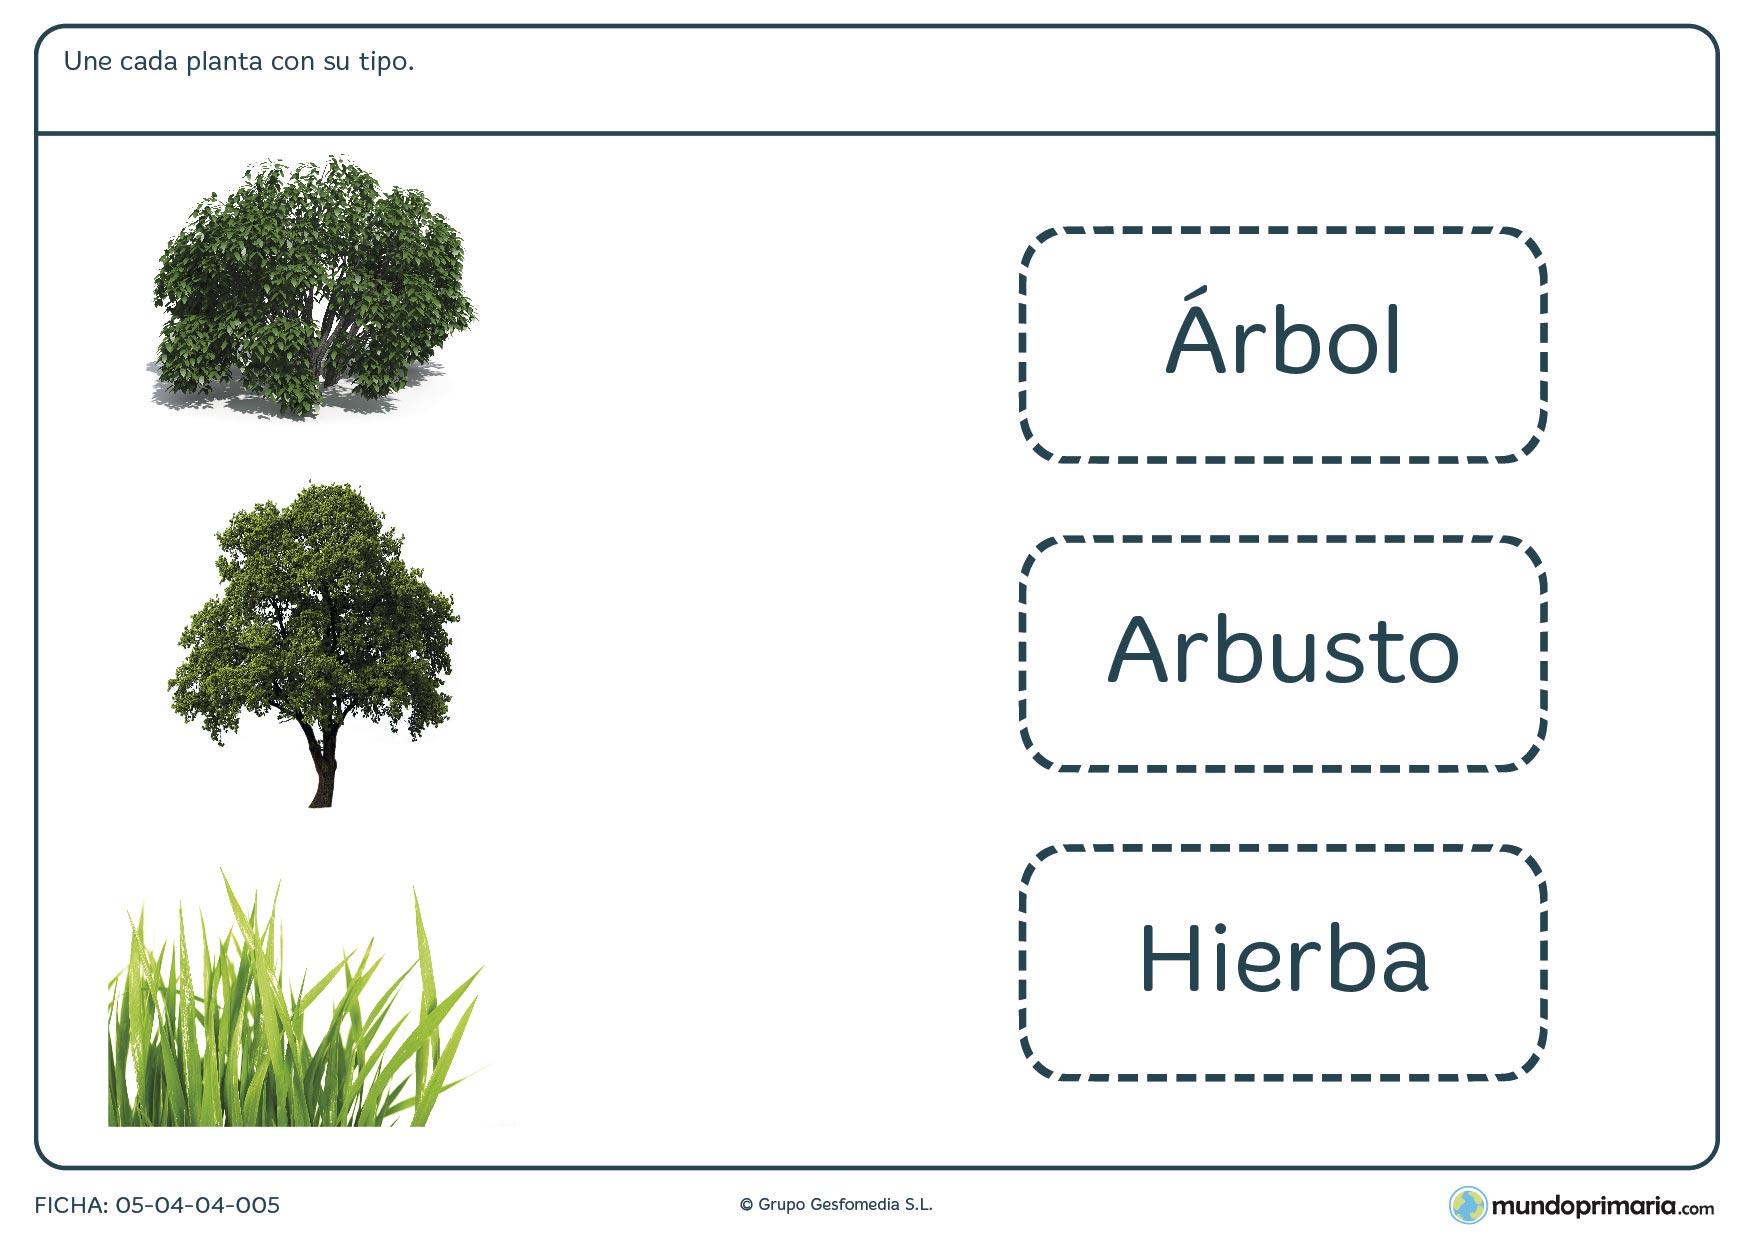 Ficha de tipos de plantas para primaria mundo primaria - Fichas de plantas para ninos ...